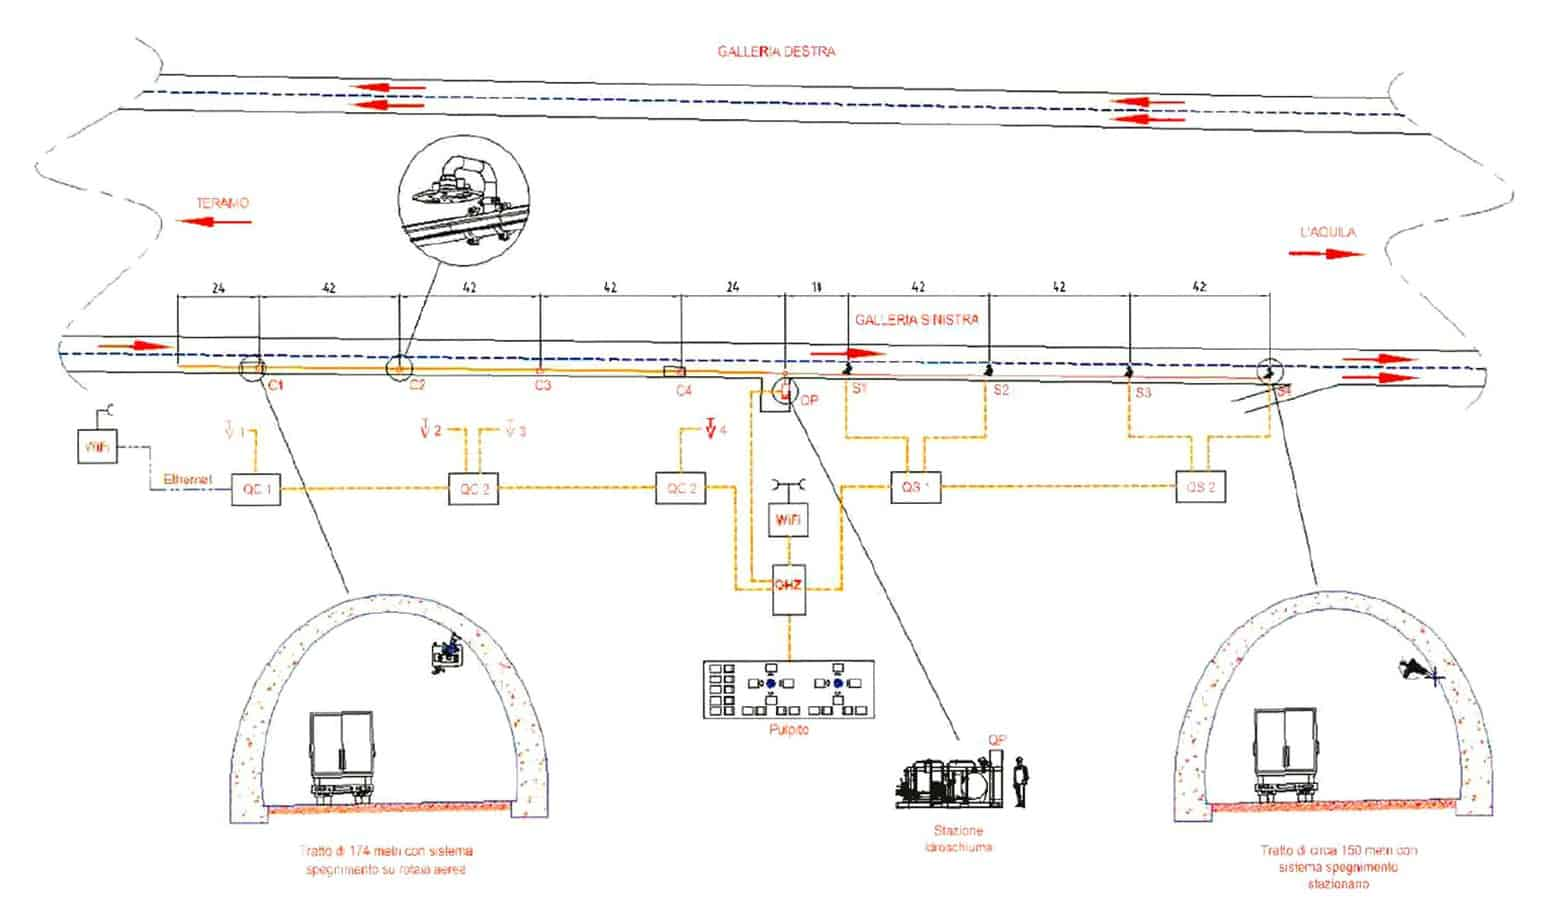 Il layout dell'impianto sperimentale